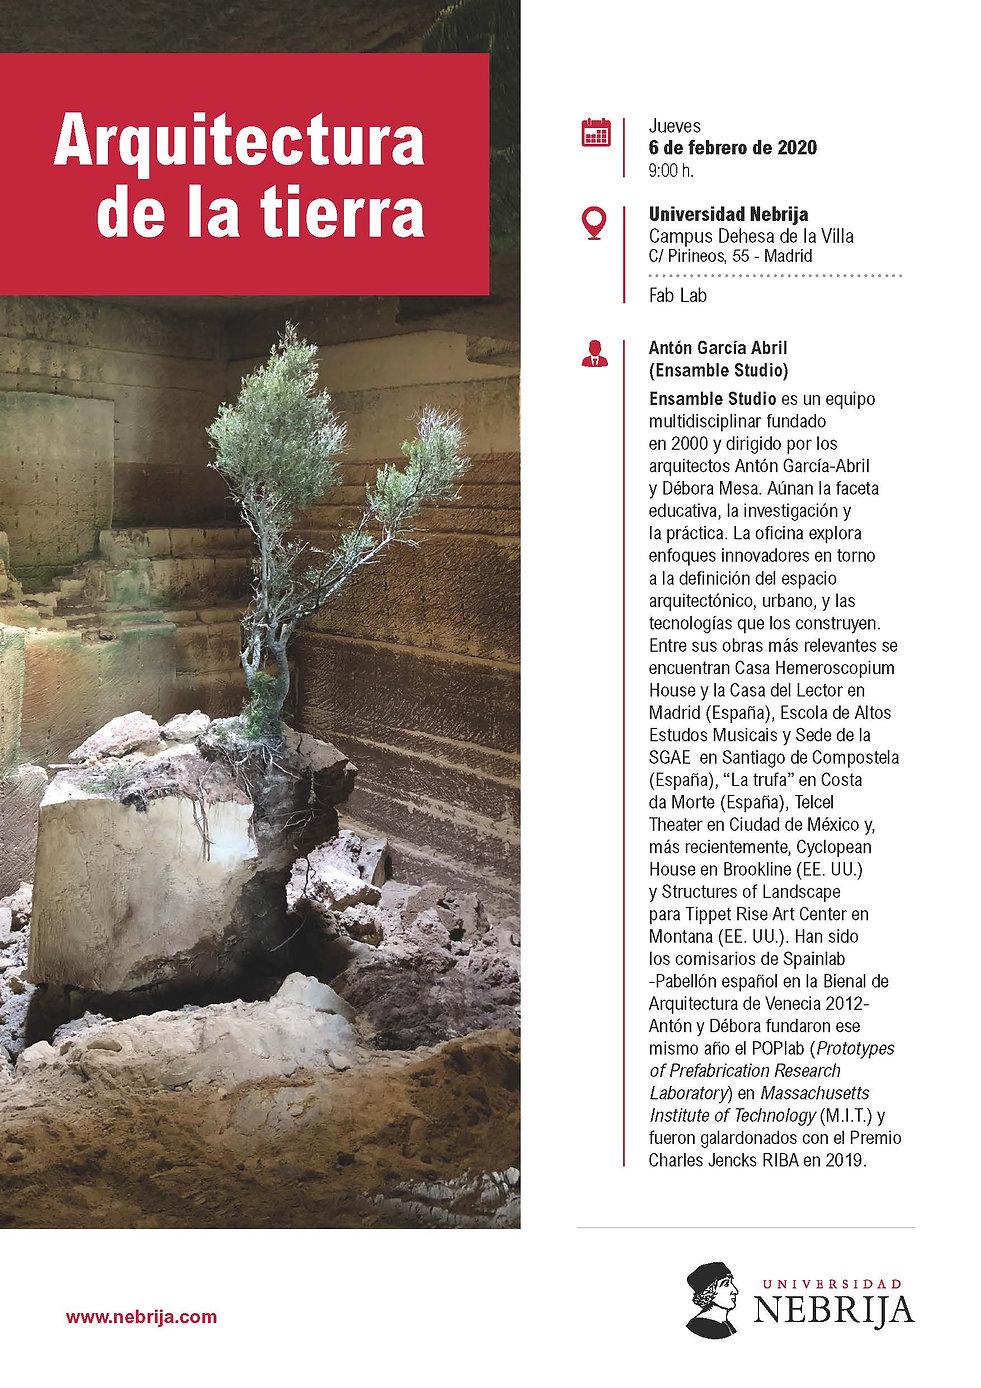 cartel_arquitectura_tierra.jpg